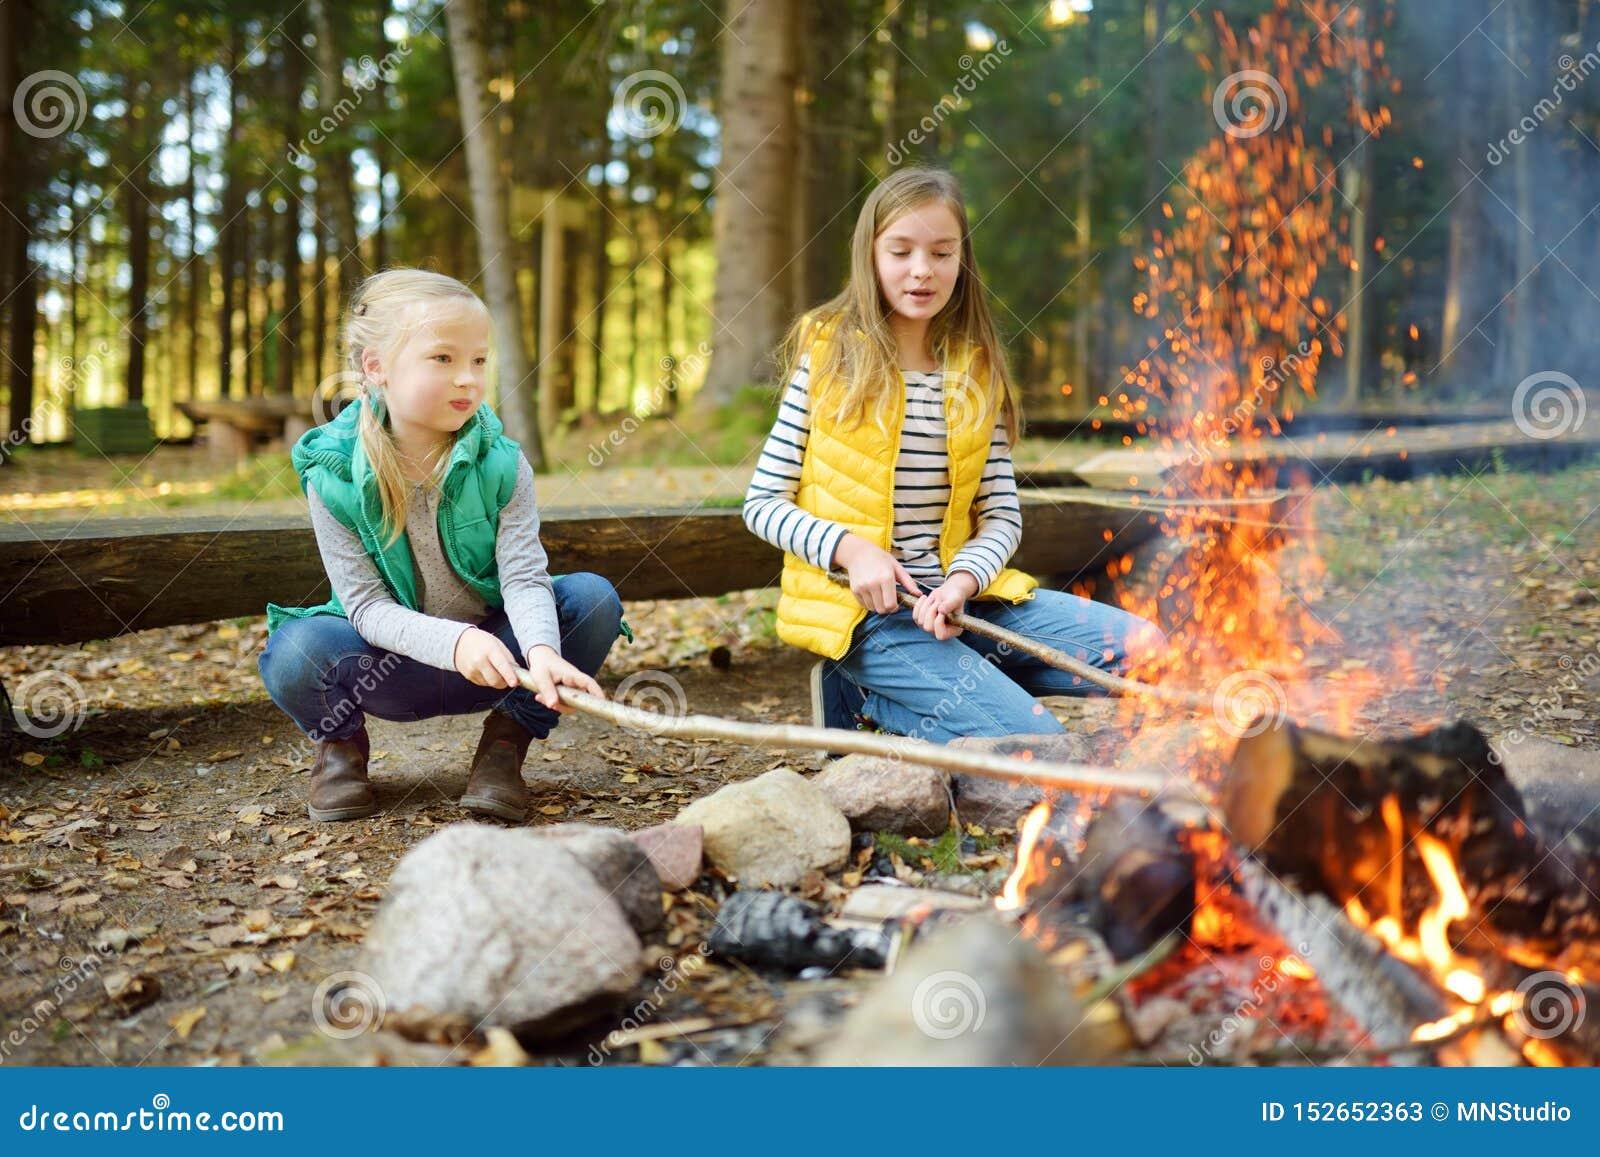 烤在棍子的逗人喜爱的年轻姐妹热狗在篝火 孩子获得乐趣在阵营火 野营与孩子在秋天森林里